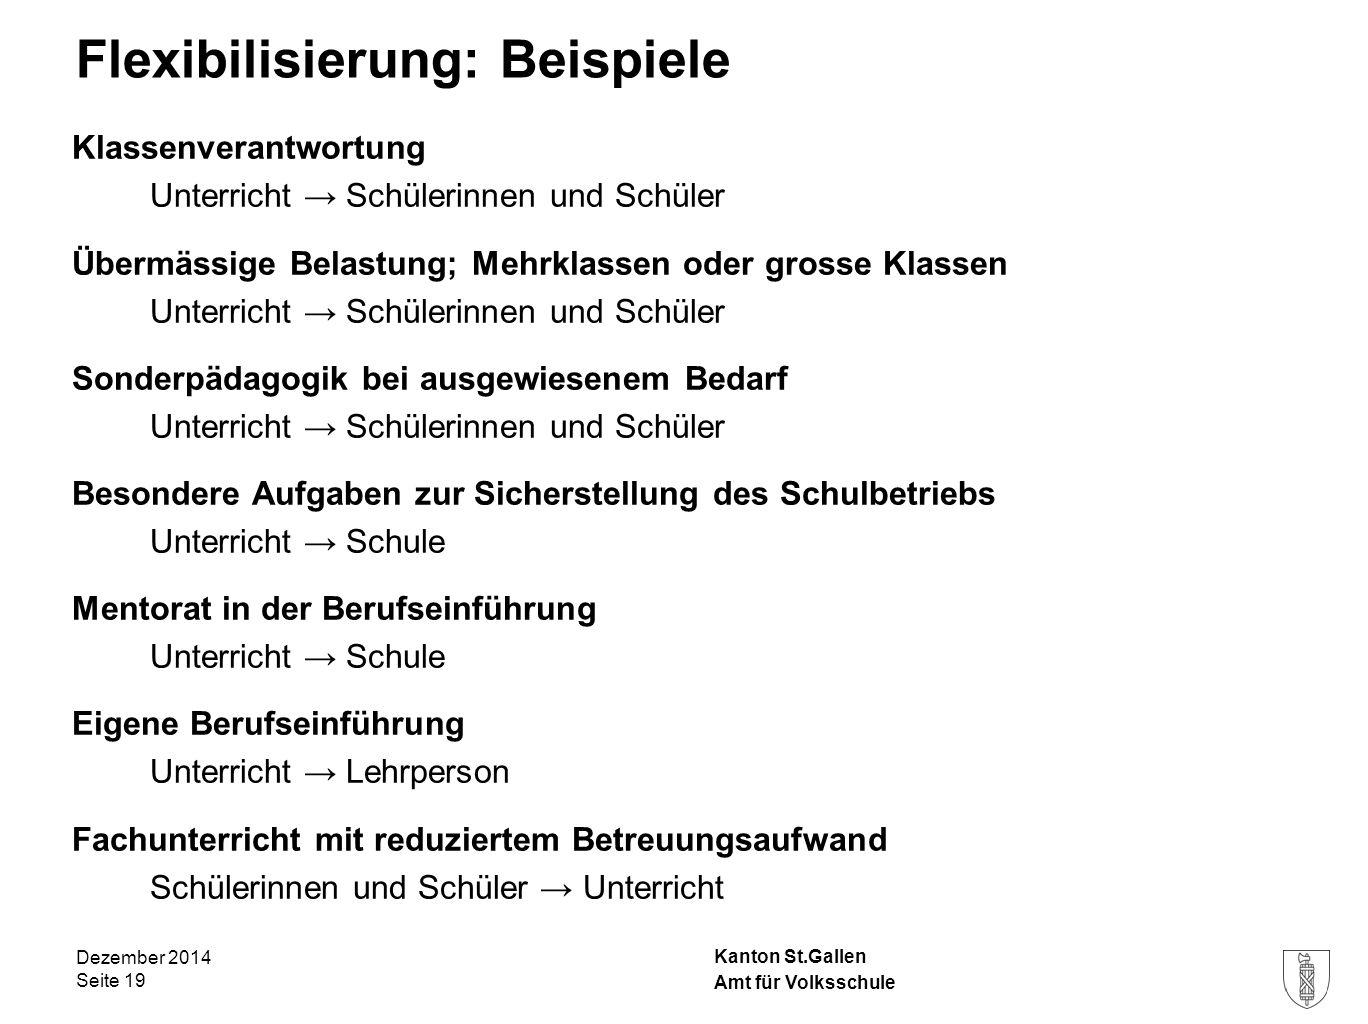 Kanton St.Gallen Flexibilisierung: Beispiele Klassenverantwortung Unterricht → Schülerinnen und Schüler Übermässige Belastung; Mehrklassen oder grosse